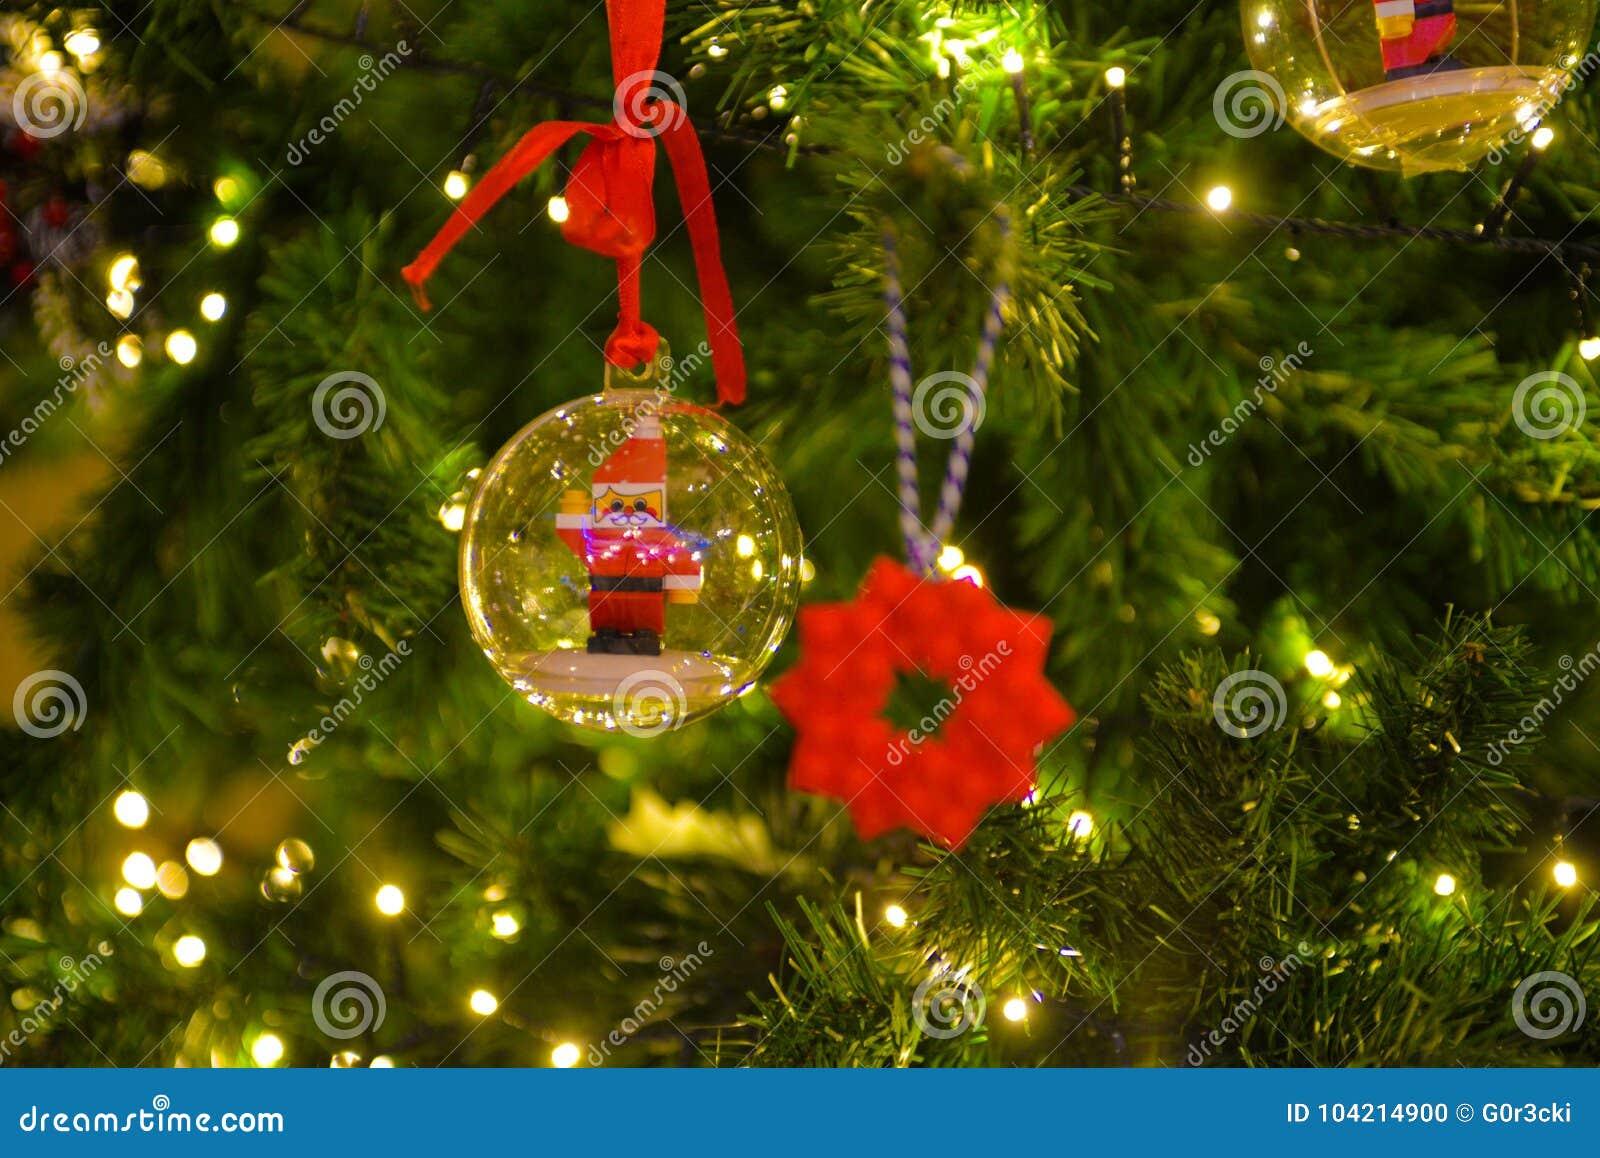 Décorations de Noël, boule avec Lego Santa Claus, lumières d arbre de Noël, Lego Ice Flake rouge brouillé